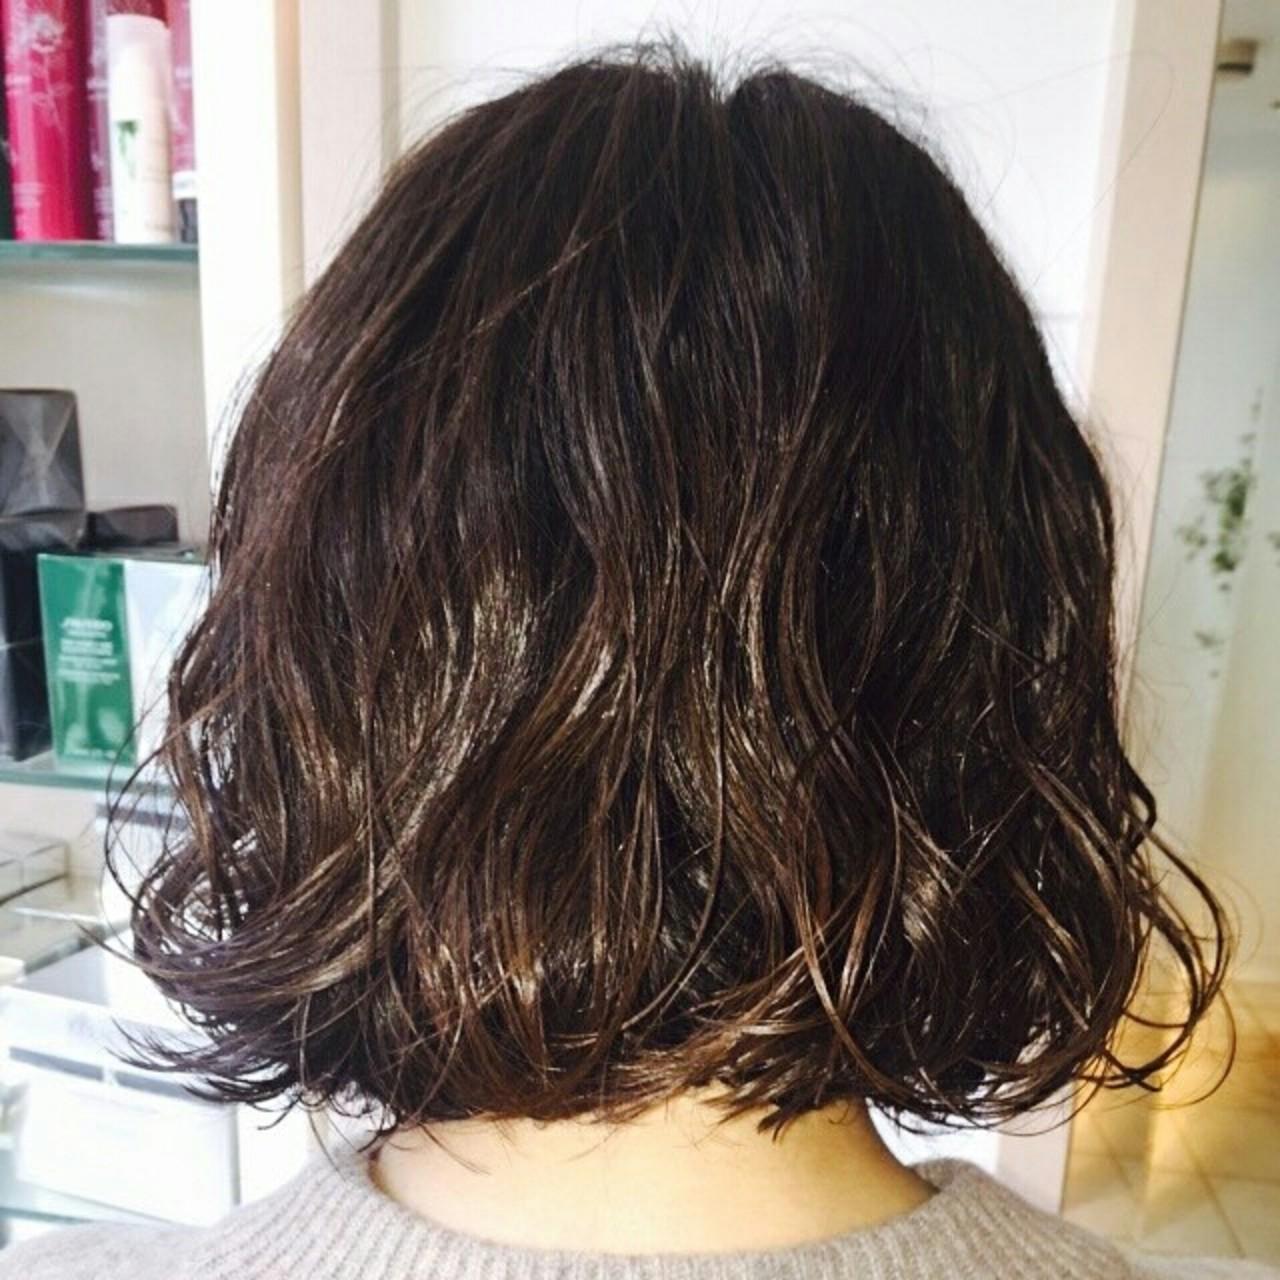 グラデーションカラー ストレート モテ髪 ボブ ヘアスタイルや髪型の写真・画像